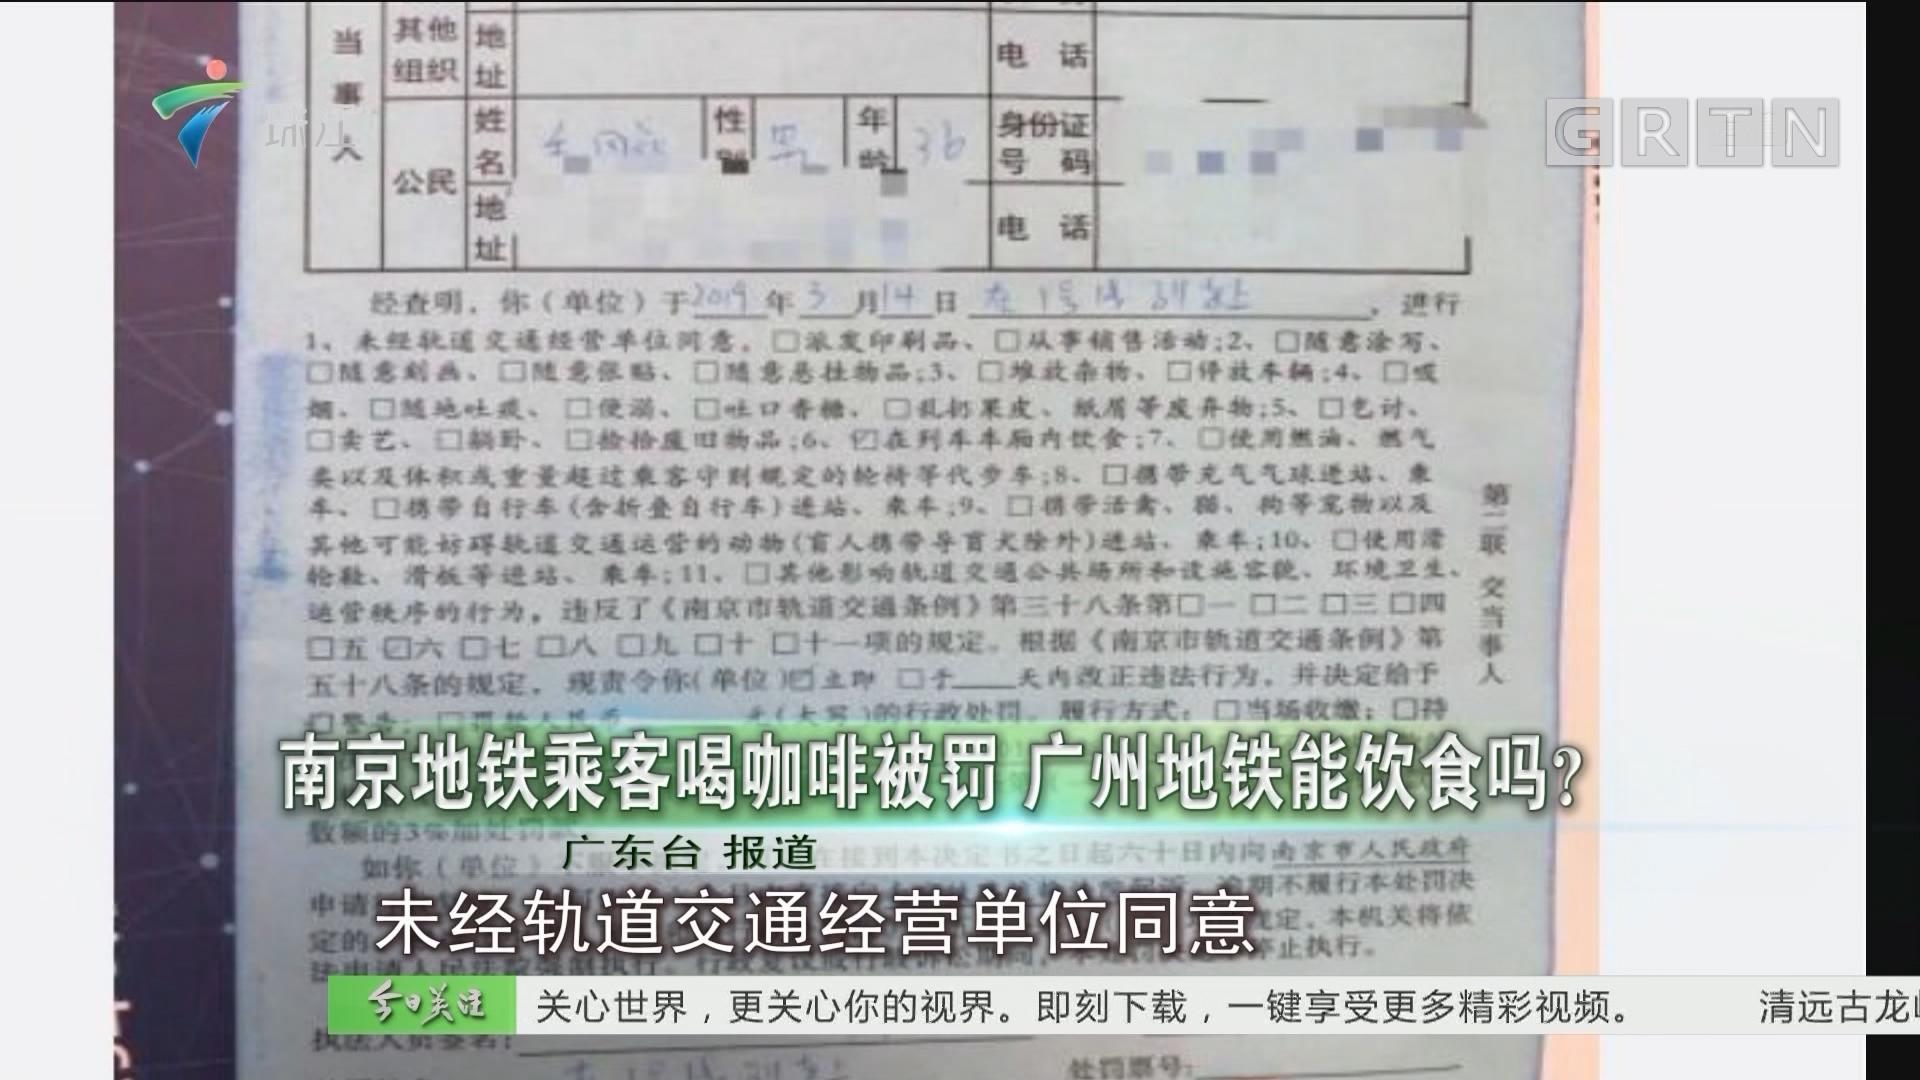 南京地铁乘客喝咖啡被罚 广州地铁能饮食吗?